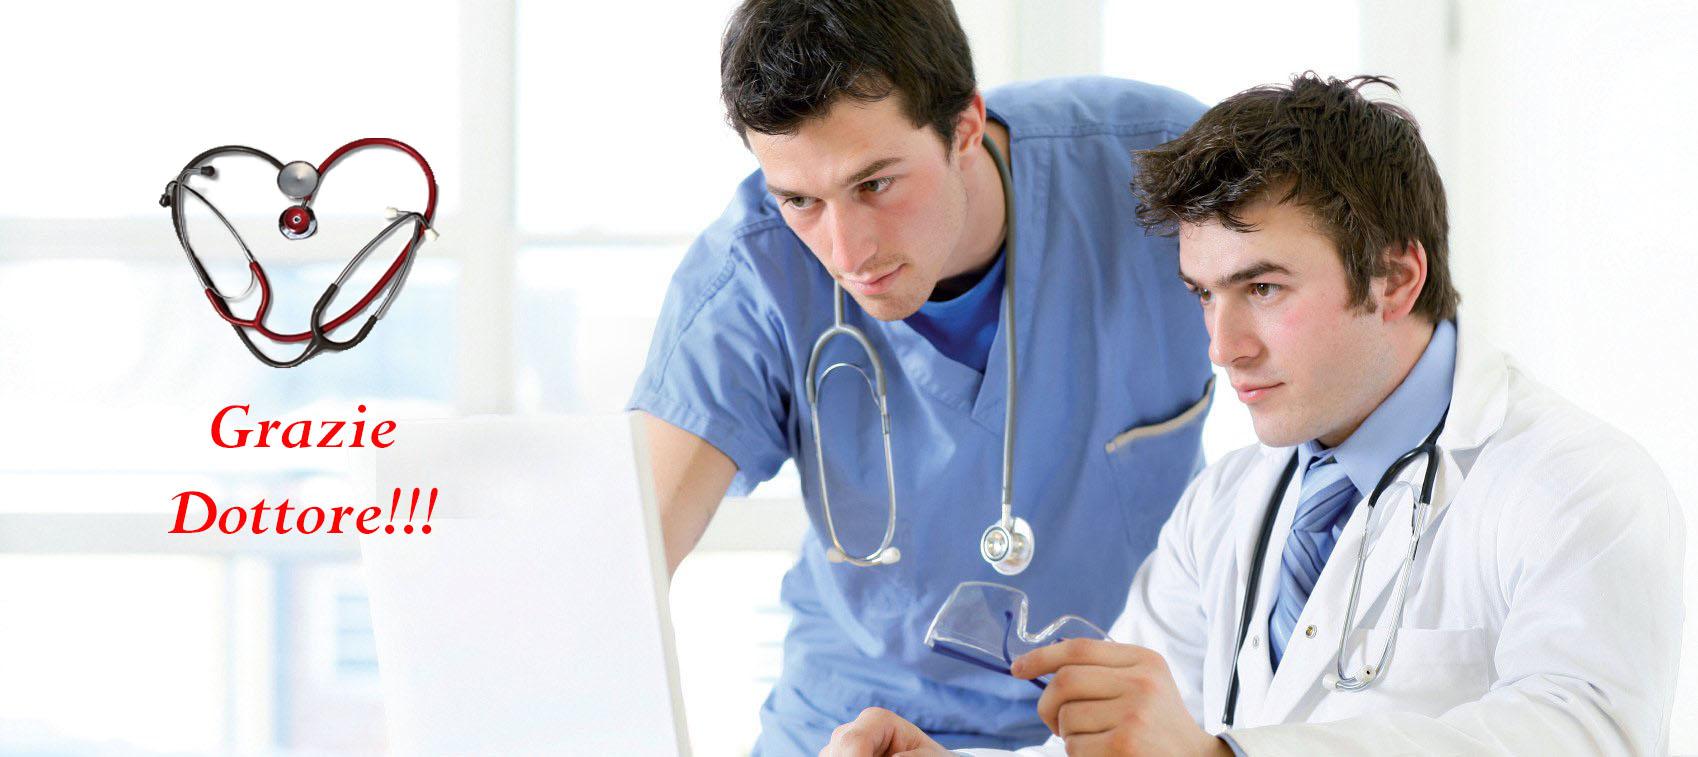 montaggio personalizzato medico